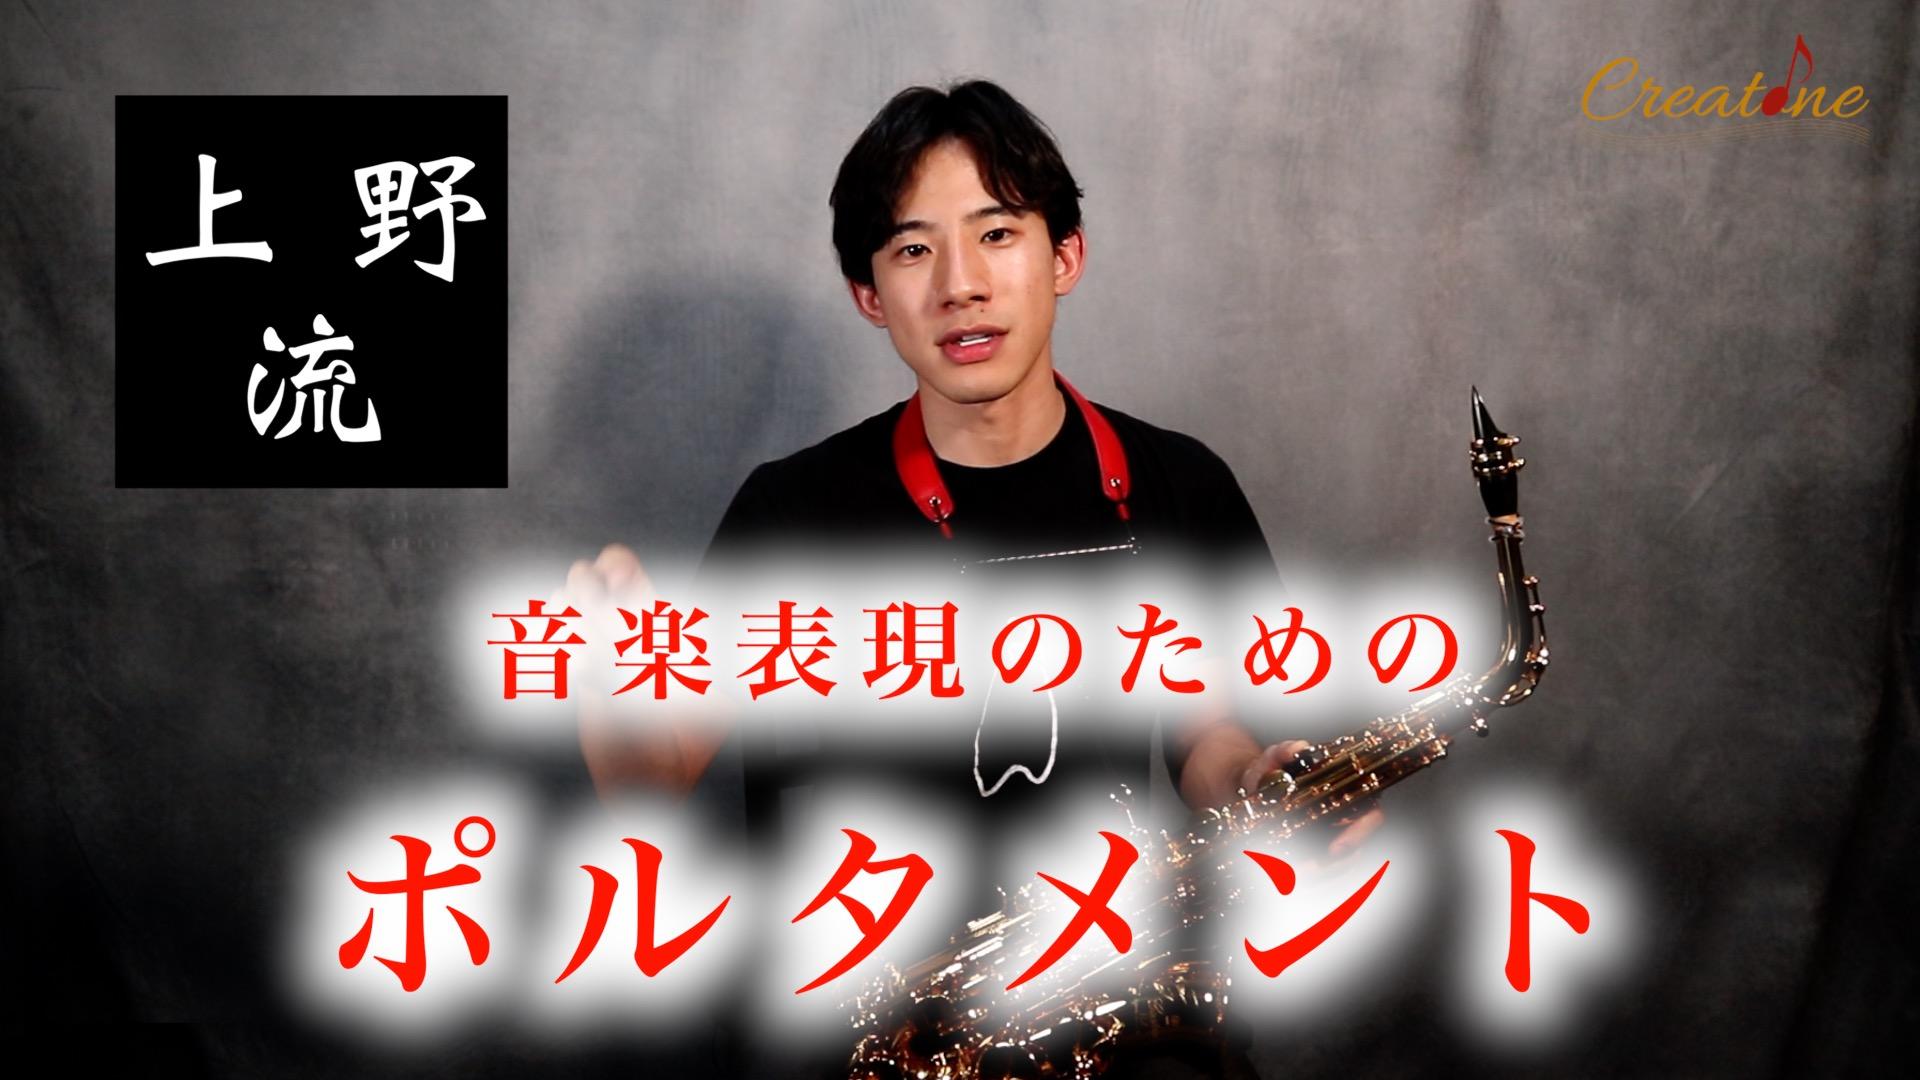 上野耕平25 音楽表現のためのポルタメント サムネ